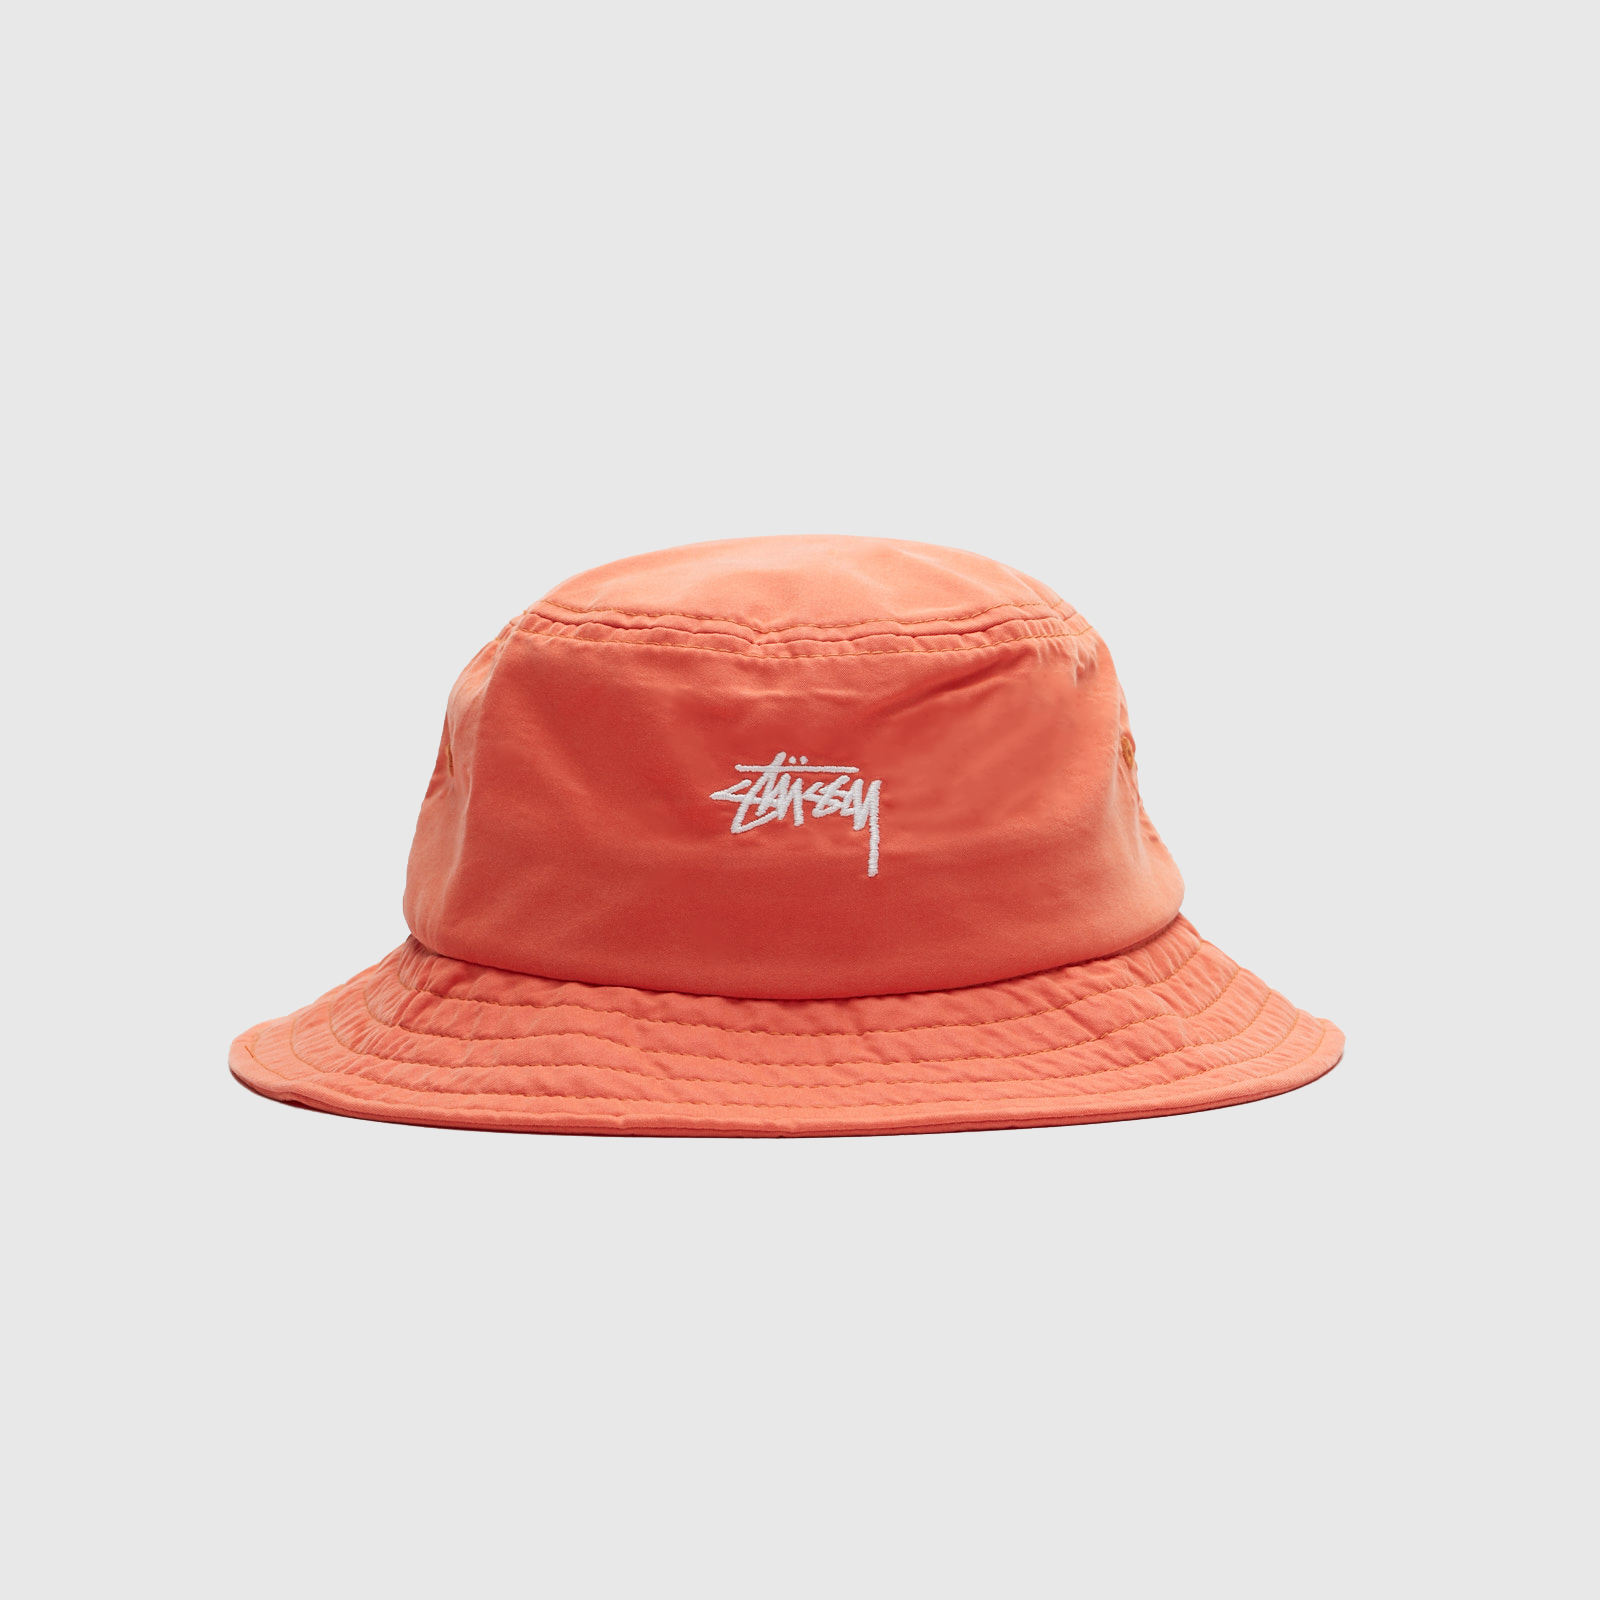 Stussy Stock Bucket Hat - 132885-0602 - Sneakersnstuff  69d1762d202e